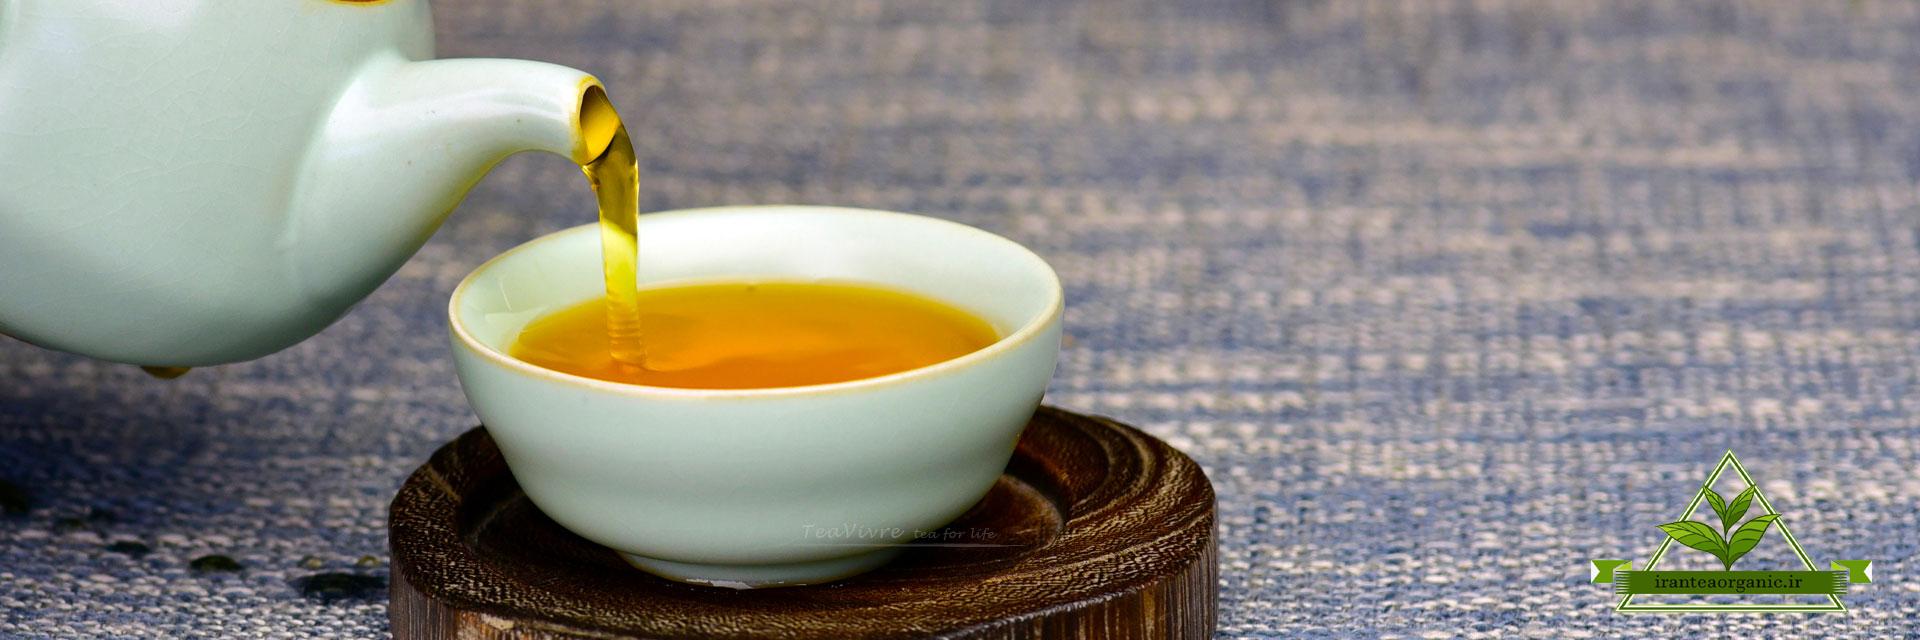 خرید چای سیاه ایرانی